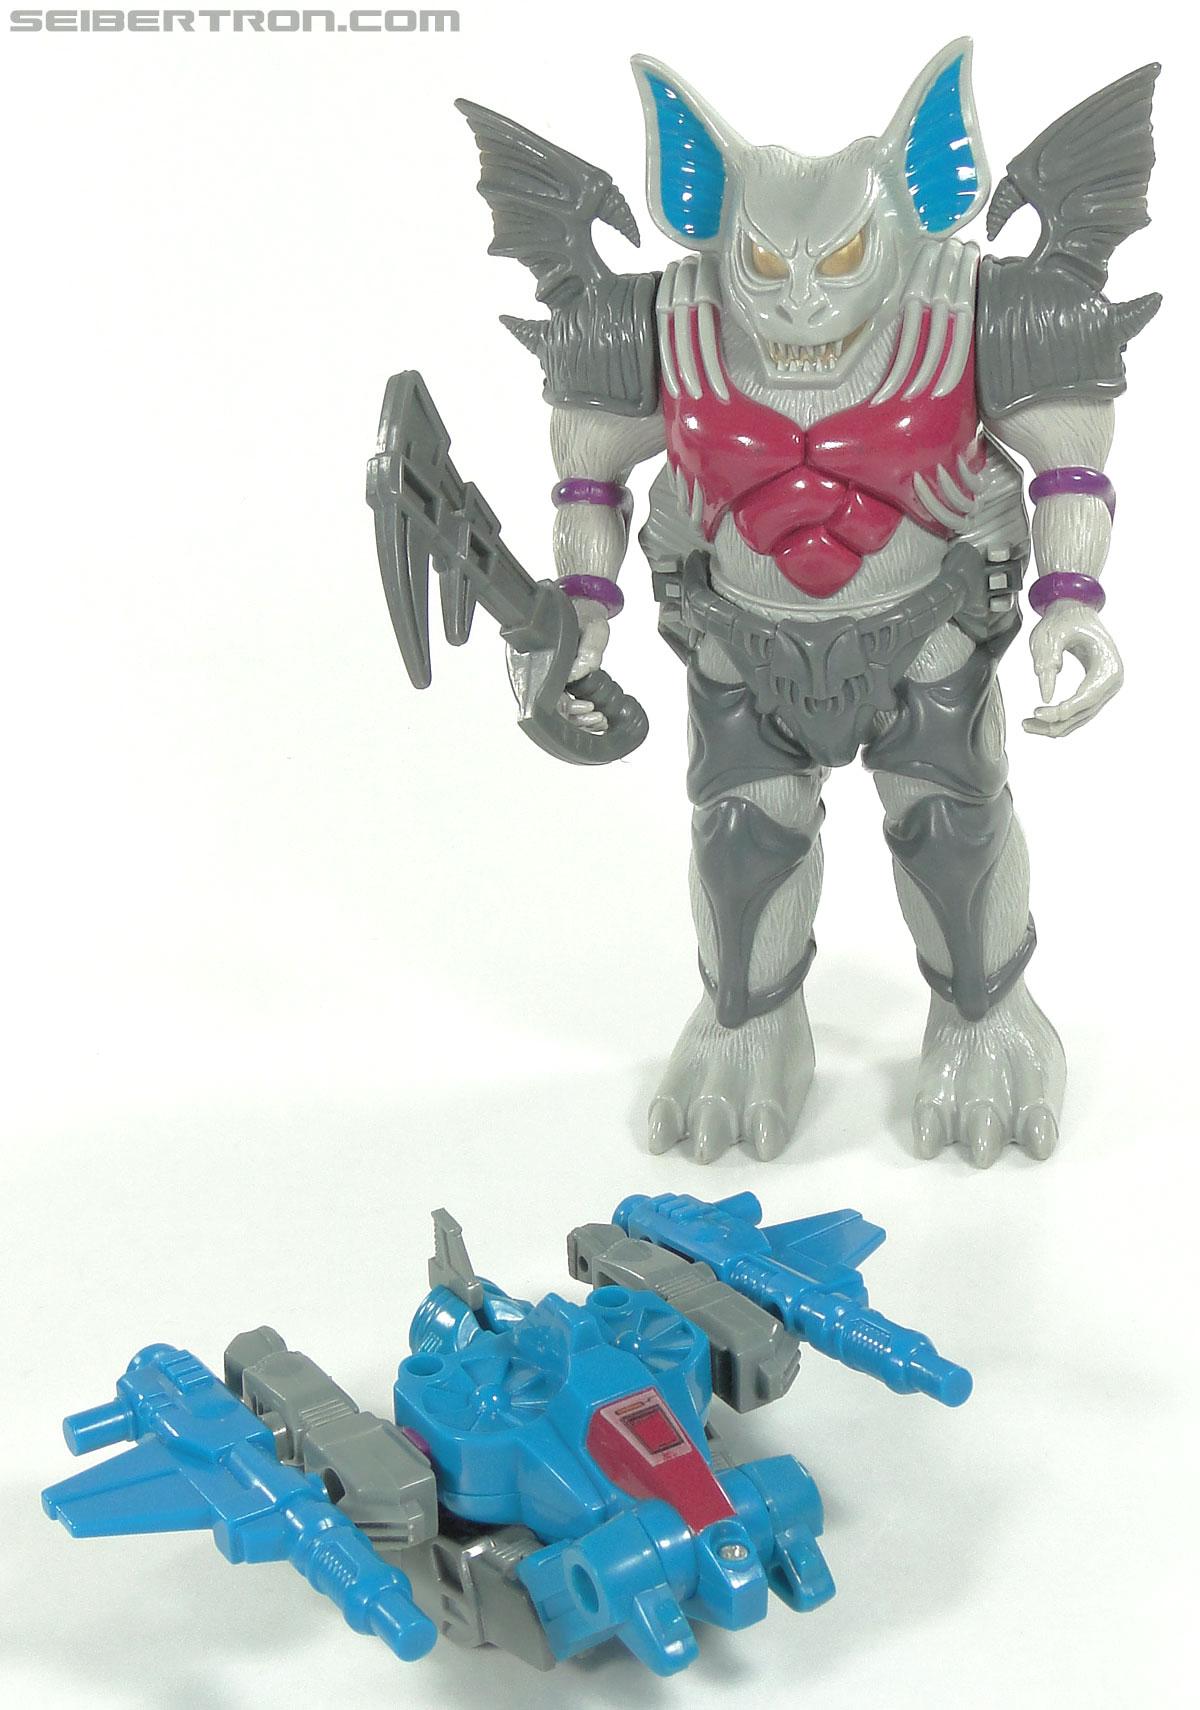 Transformers Super God Masterforce Bomb-Burst (Blood) (Image #95 of 169)